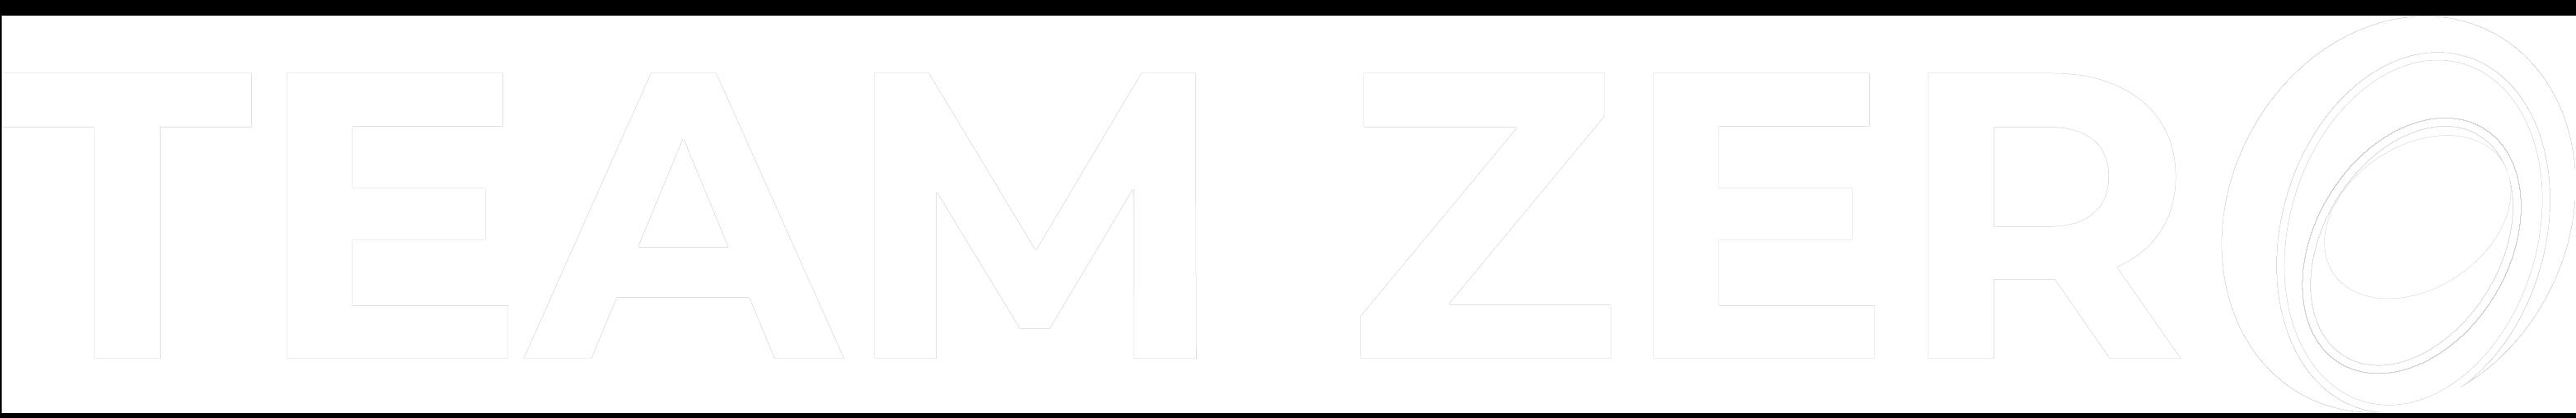 Team Zero